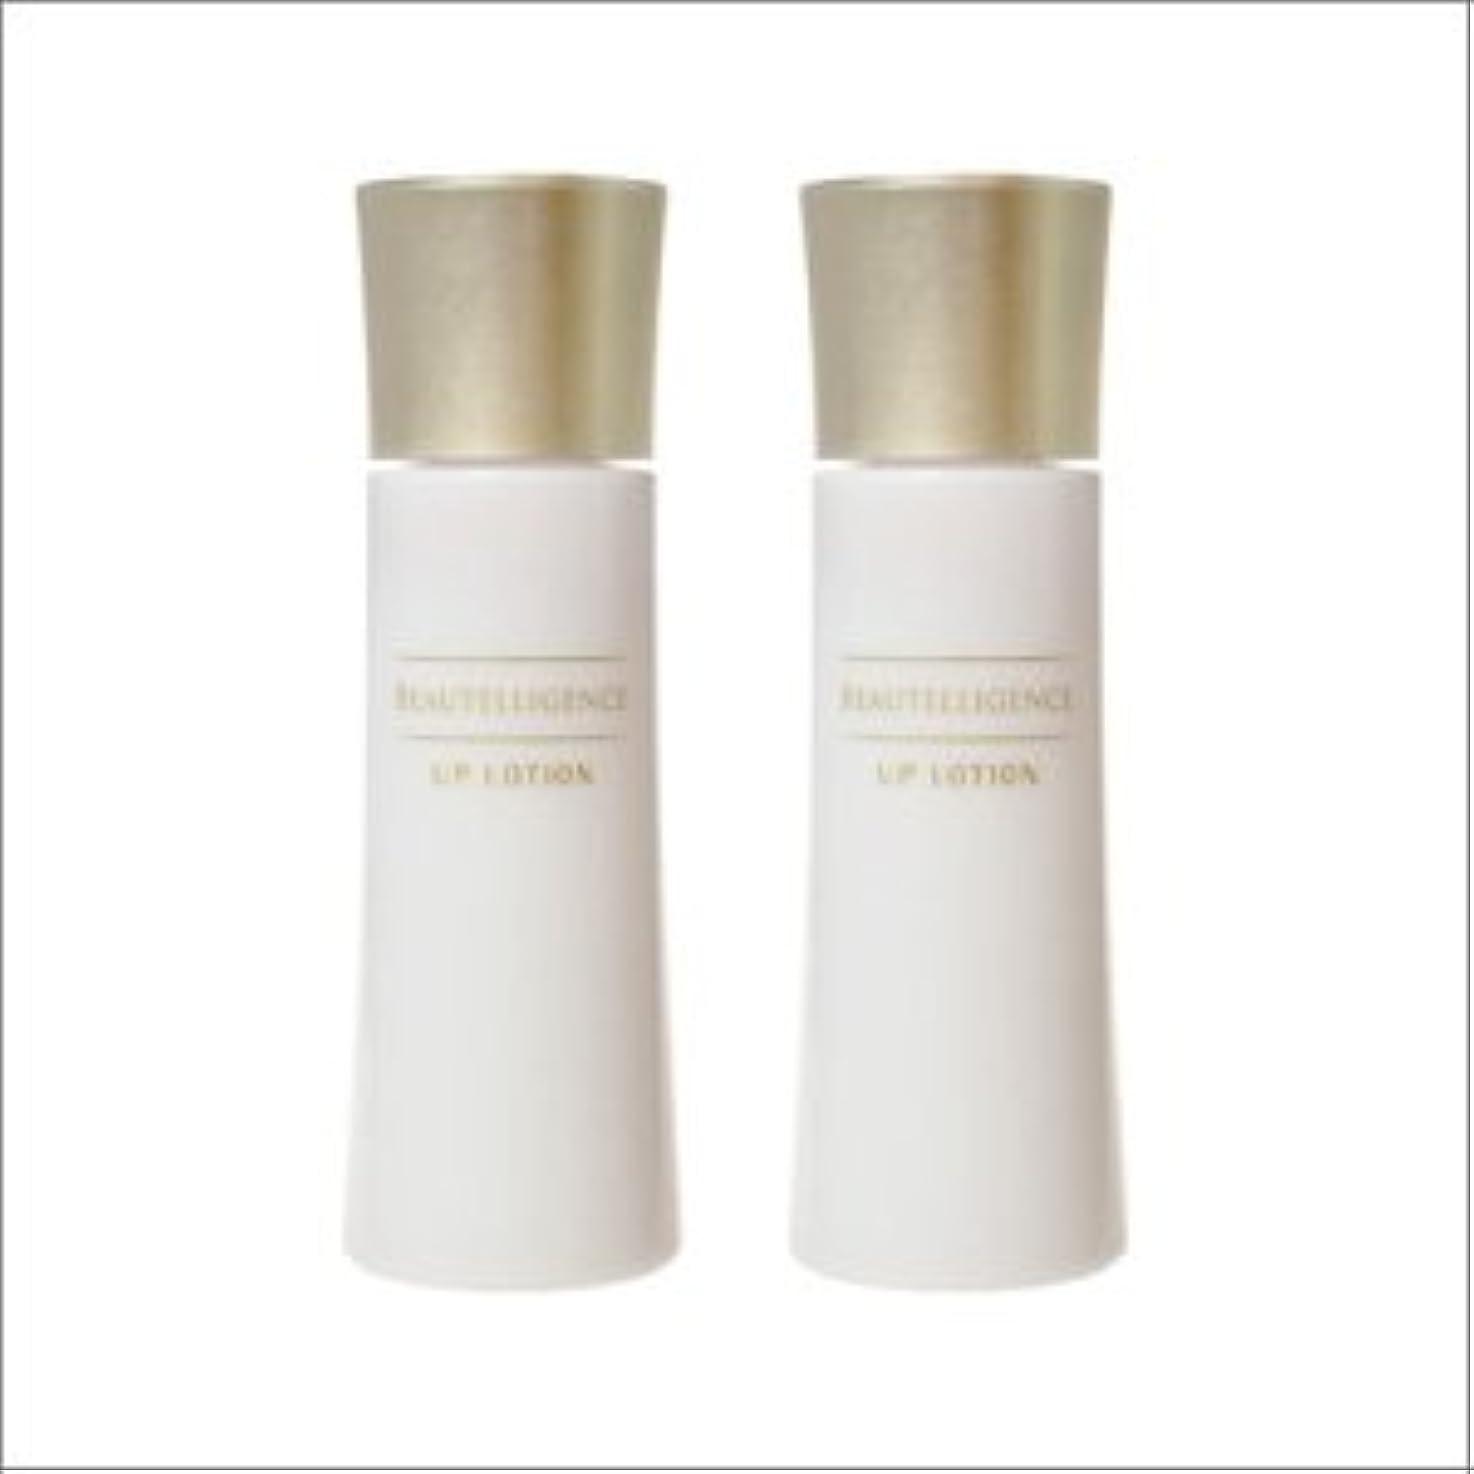 ライター破滅的な面積2本セット アップローション ひきしめ 化粧水 美容液 ハリ NEWA オシリフト グリシルグリシンエイジングケア